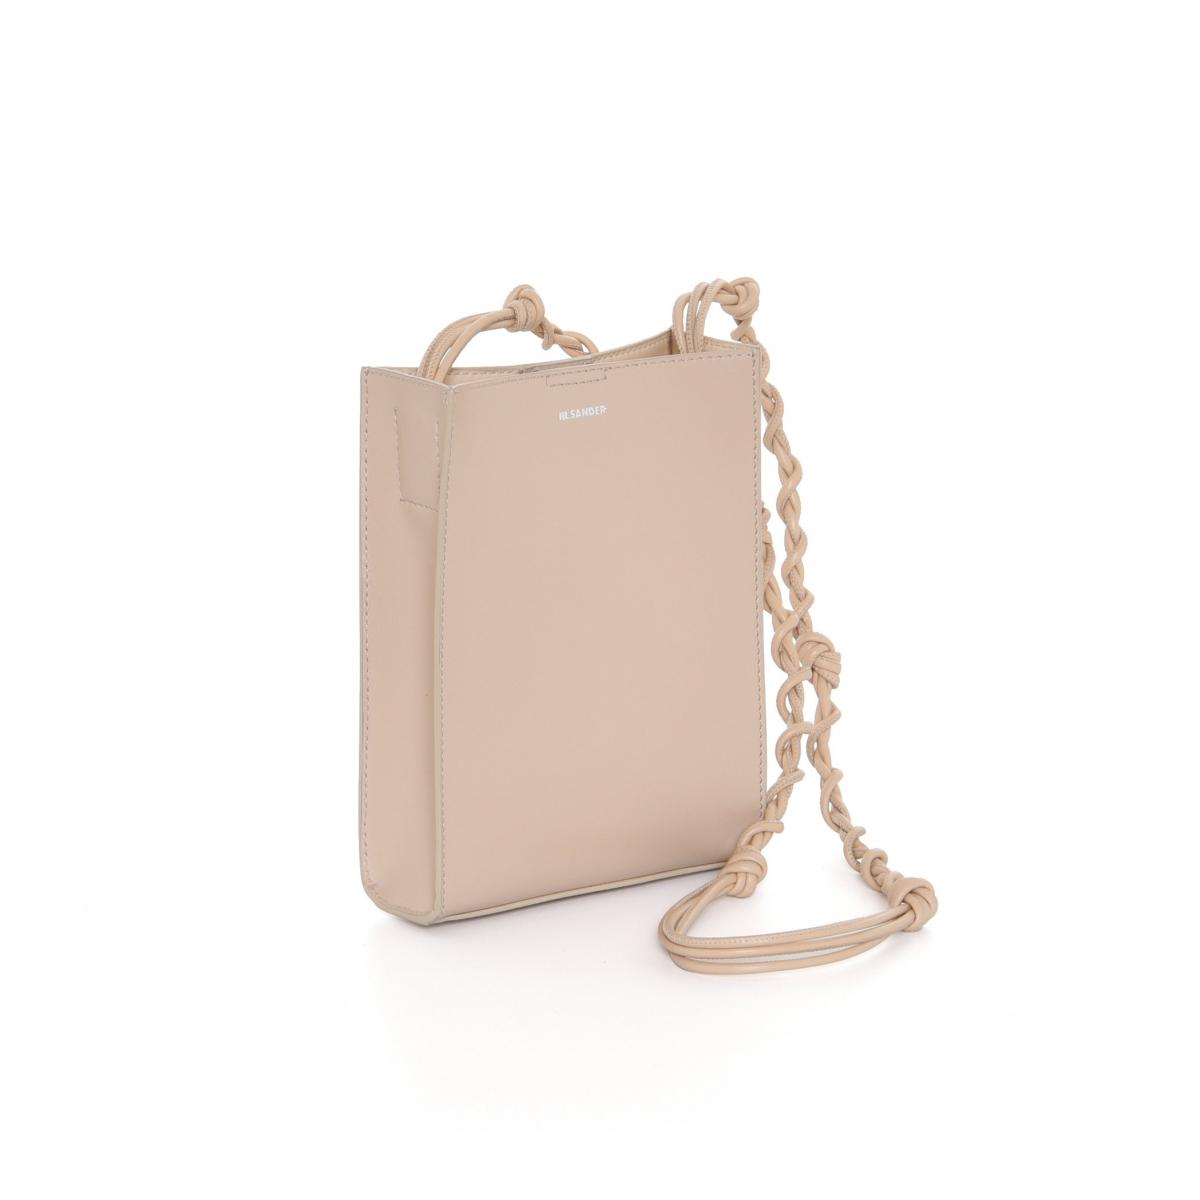 バッグ「タングル スモール」〈H19×W14×D5㎝〉¥78,000/オンワードグローバルファッション(ジル・サンダー)